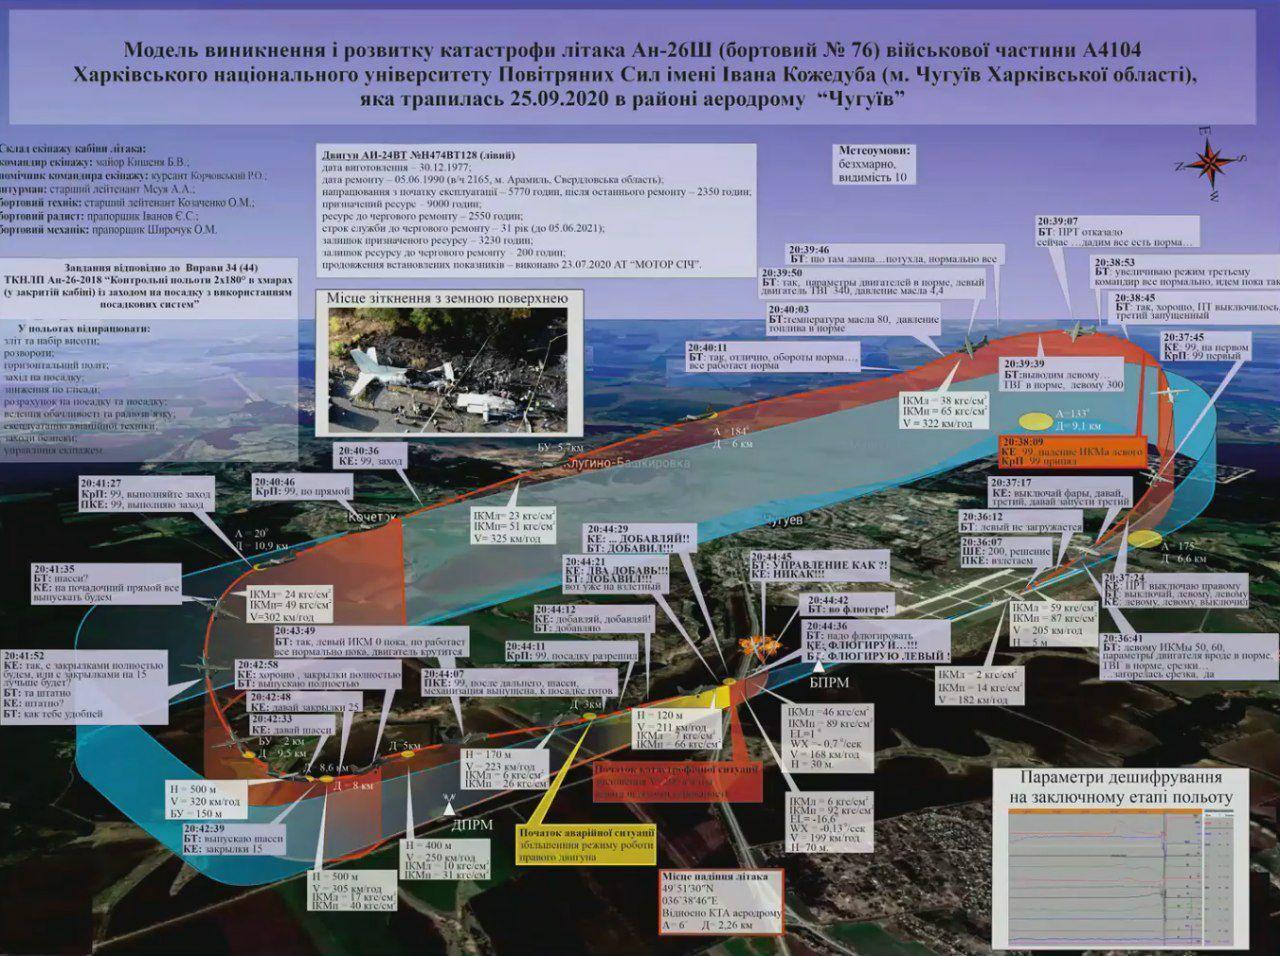 Комісія з розслідування катастрофи змоделювала розвиток ситуації на борту Ан-26.